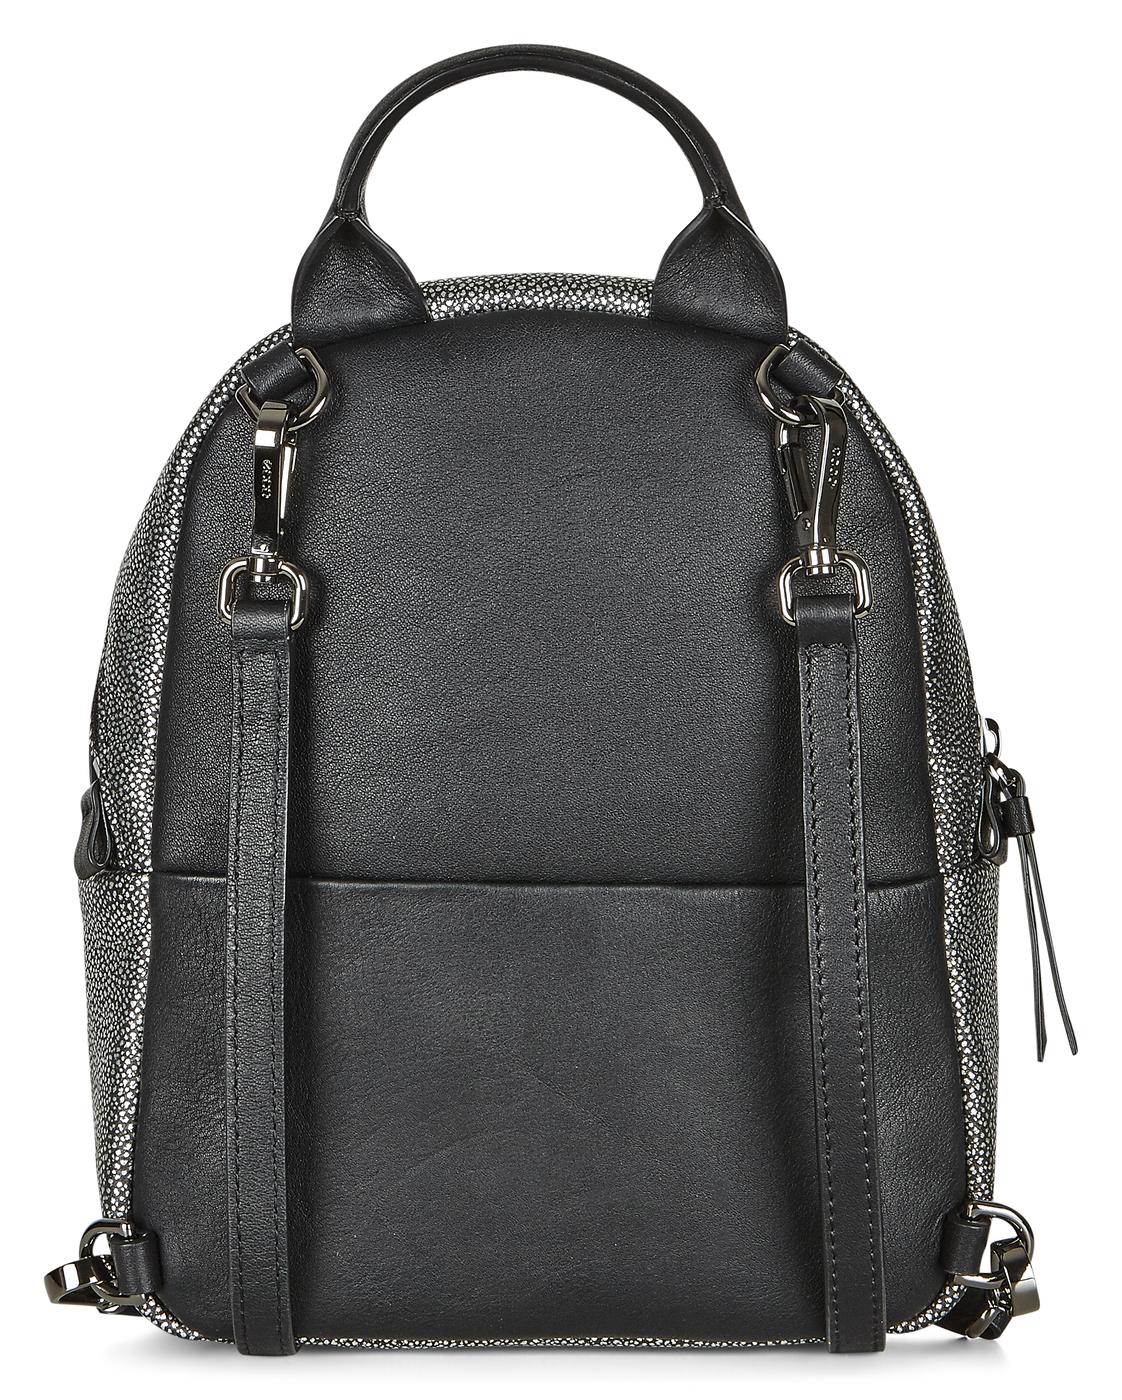 ECCO SP3 Metallic Mini Backpack